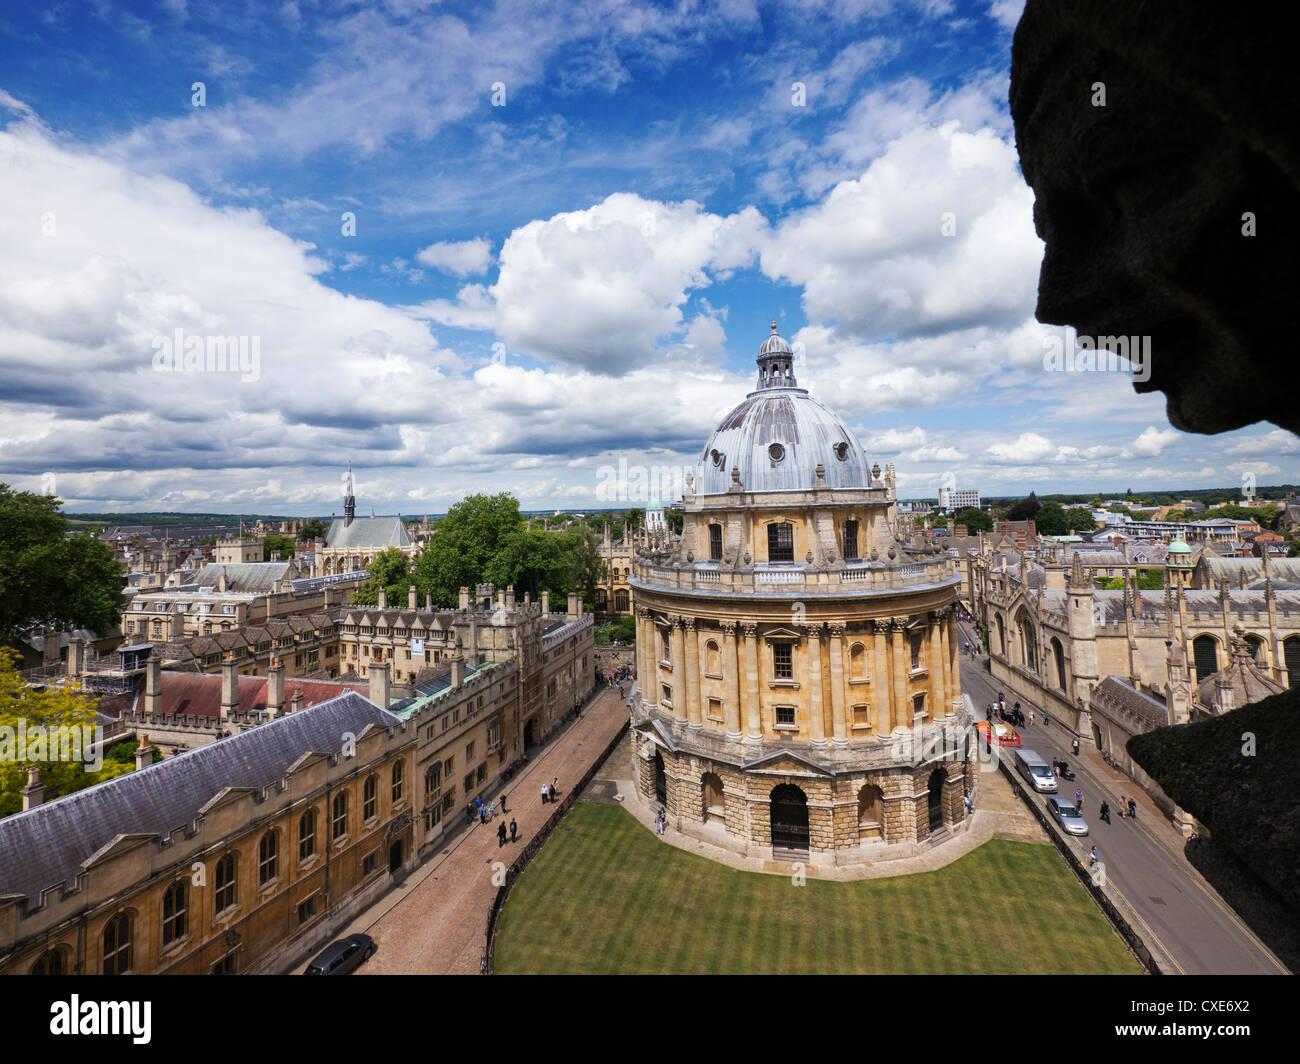 Vista elevada de cámara Radcliffe, Oxford, Oxfordshire, Inglaterra, Reino Unido. Imagen De Stock